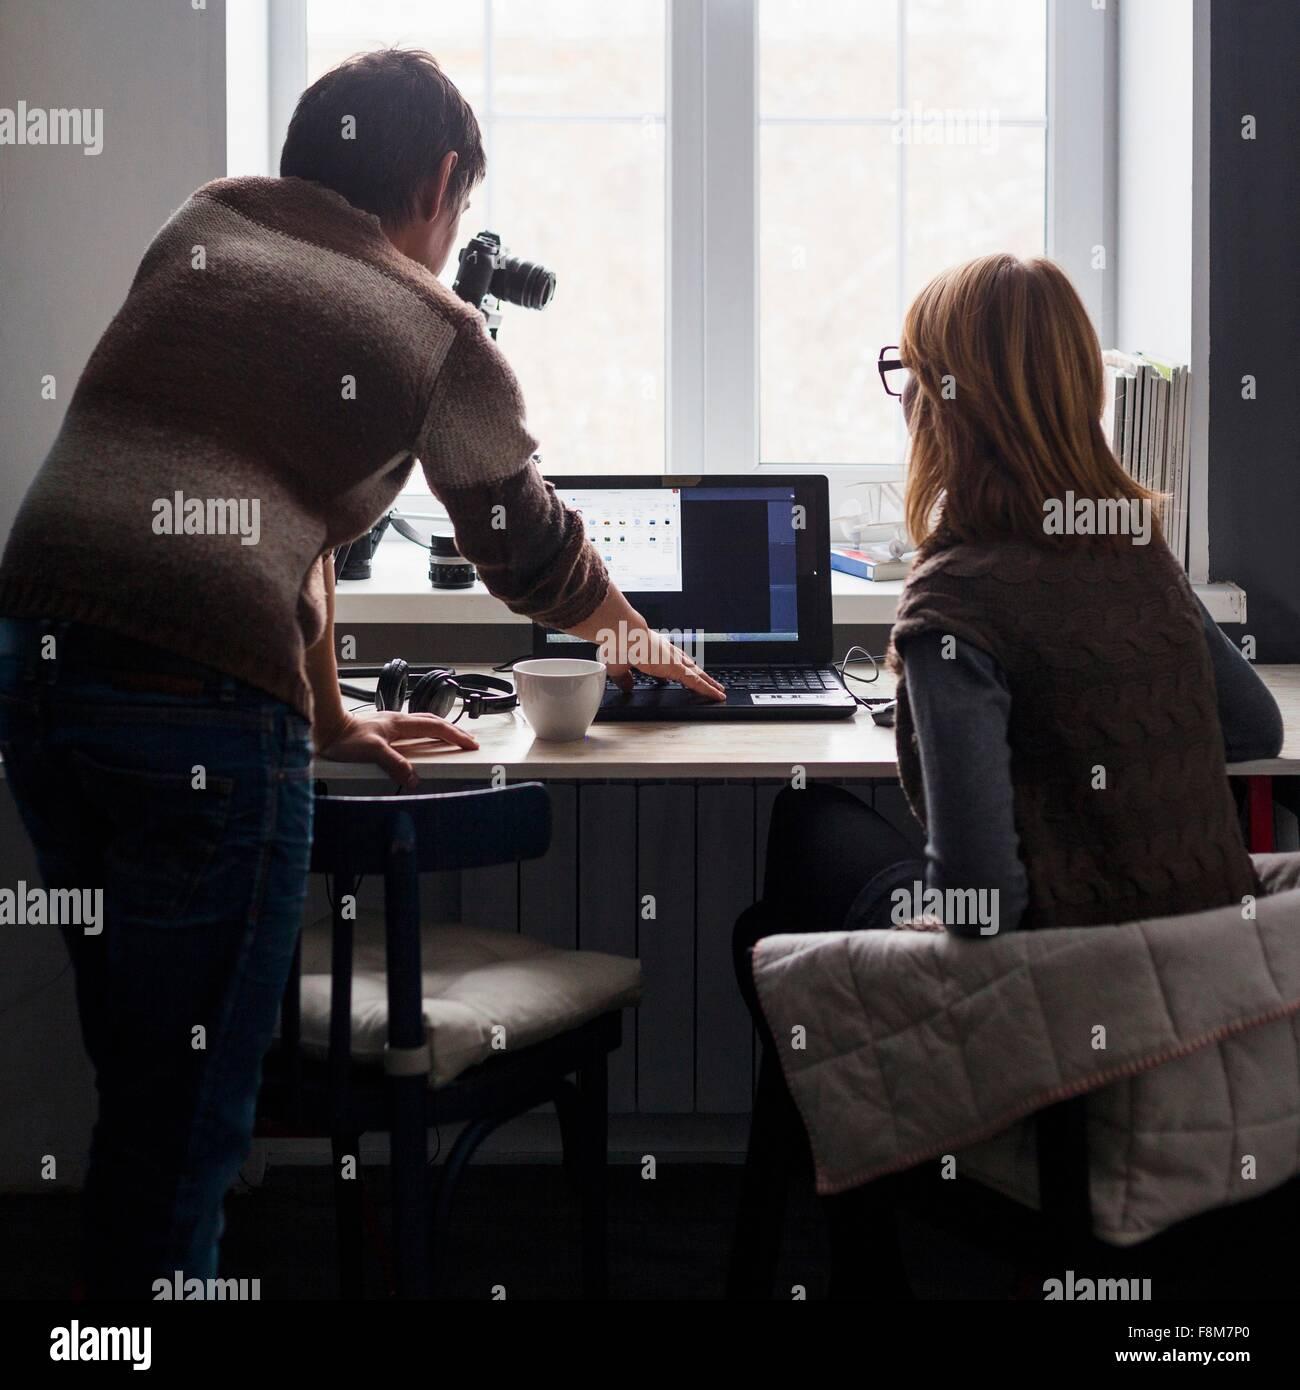 Mitte erwachsenen Mann und Frau mit Laptop am Schreibtisch Rückansicht Stockbild